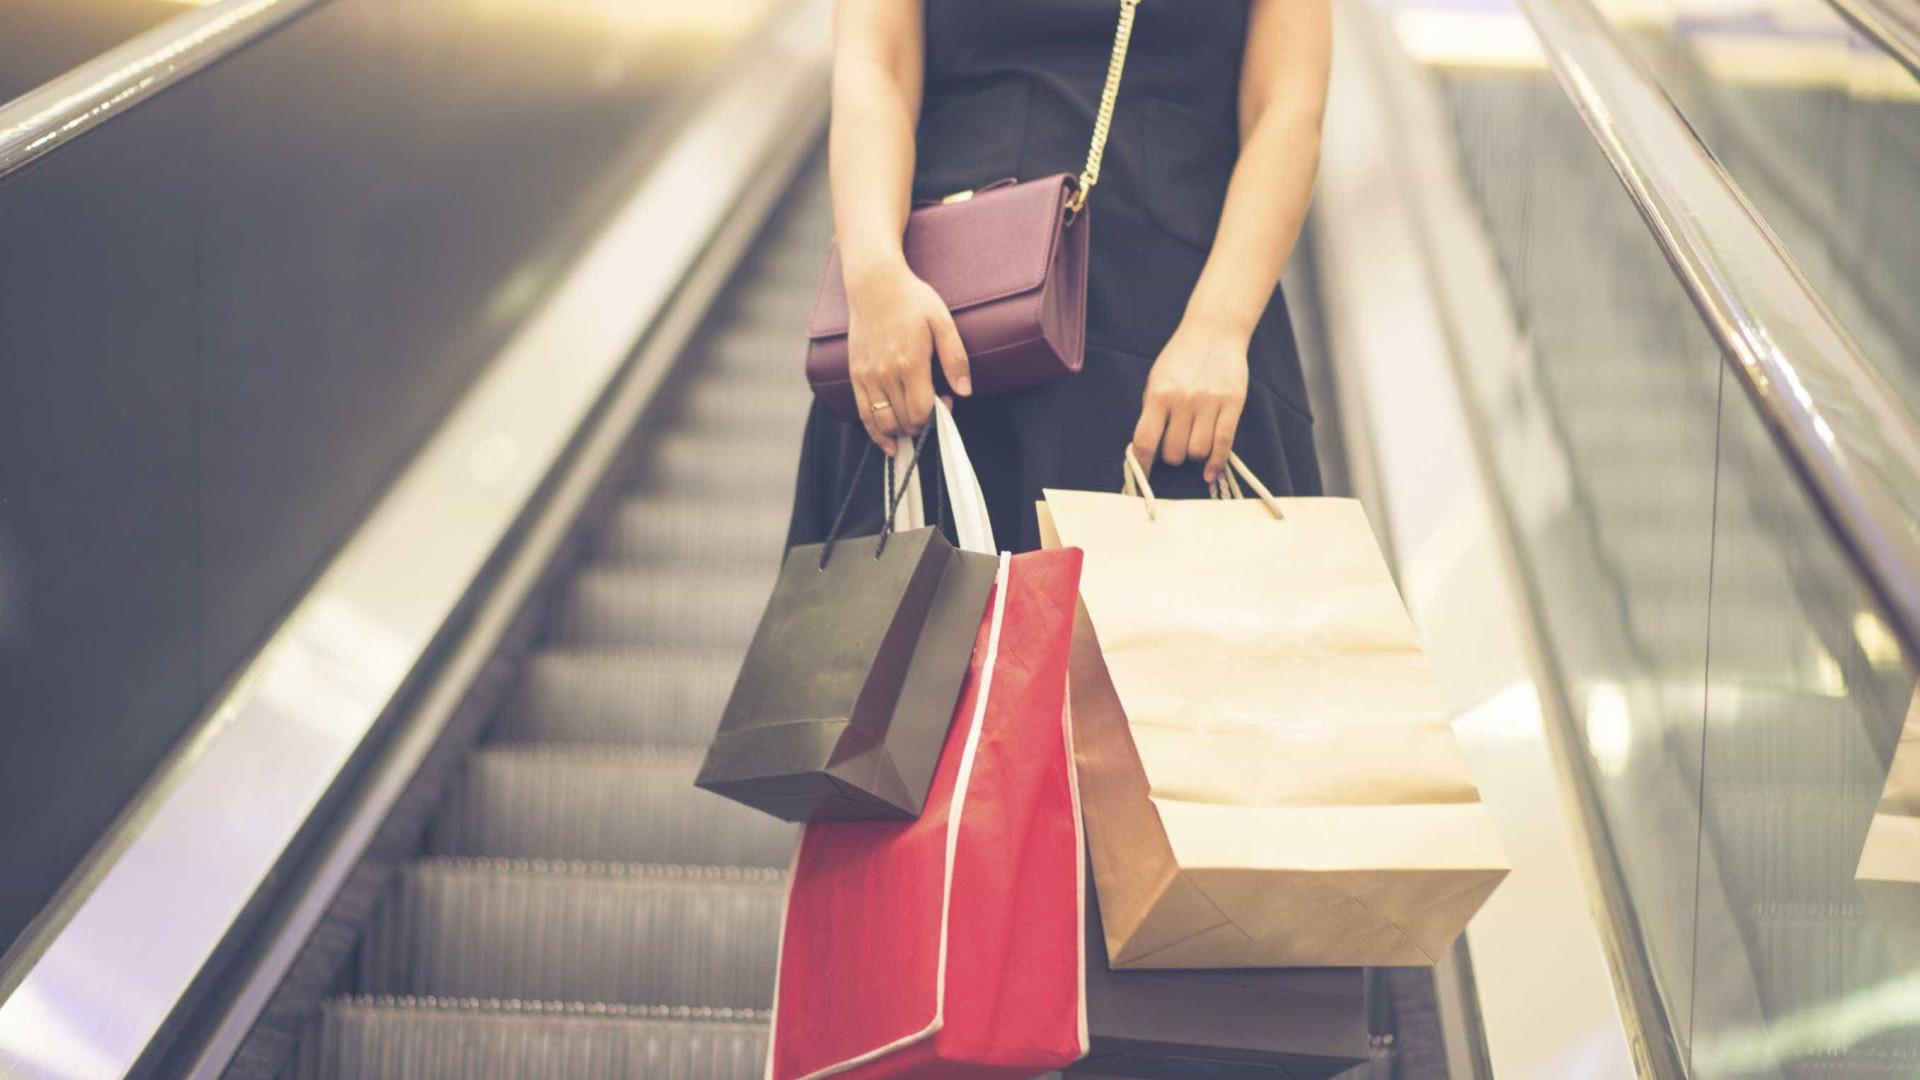 Vendas no comércio a retalho aceleram crescimento para 4,1% em setembro